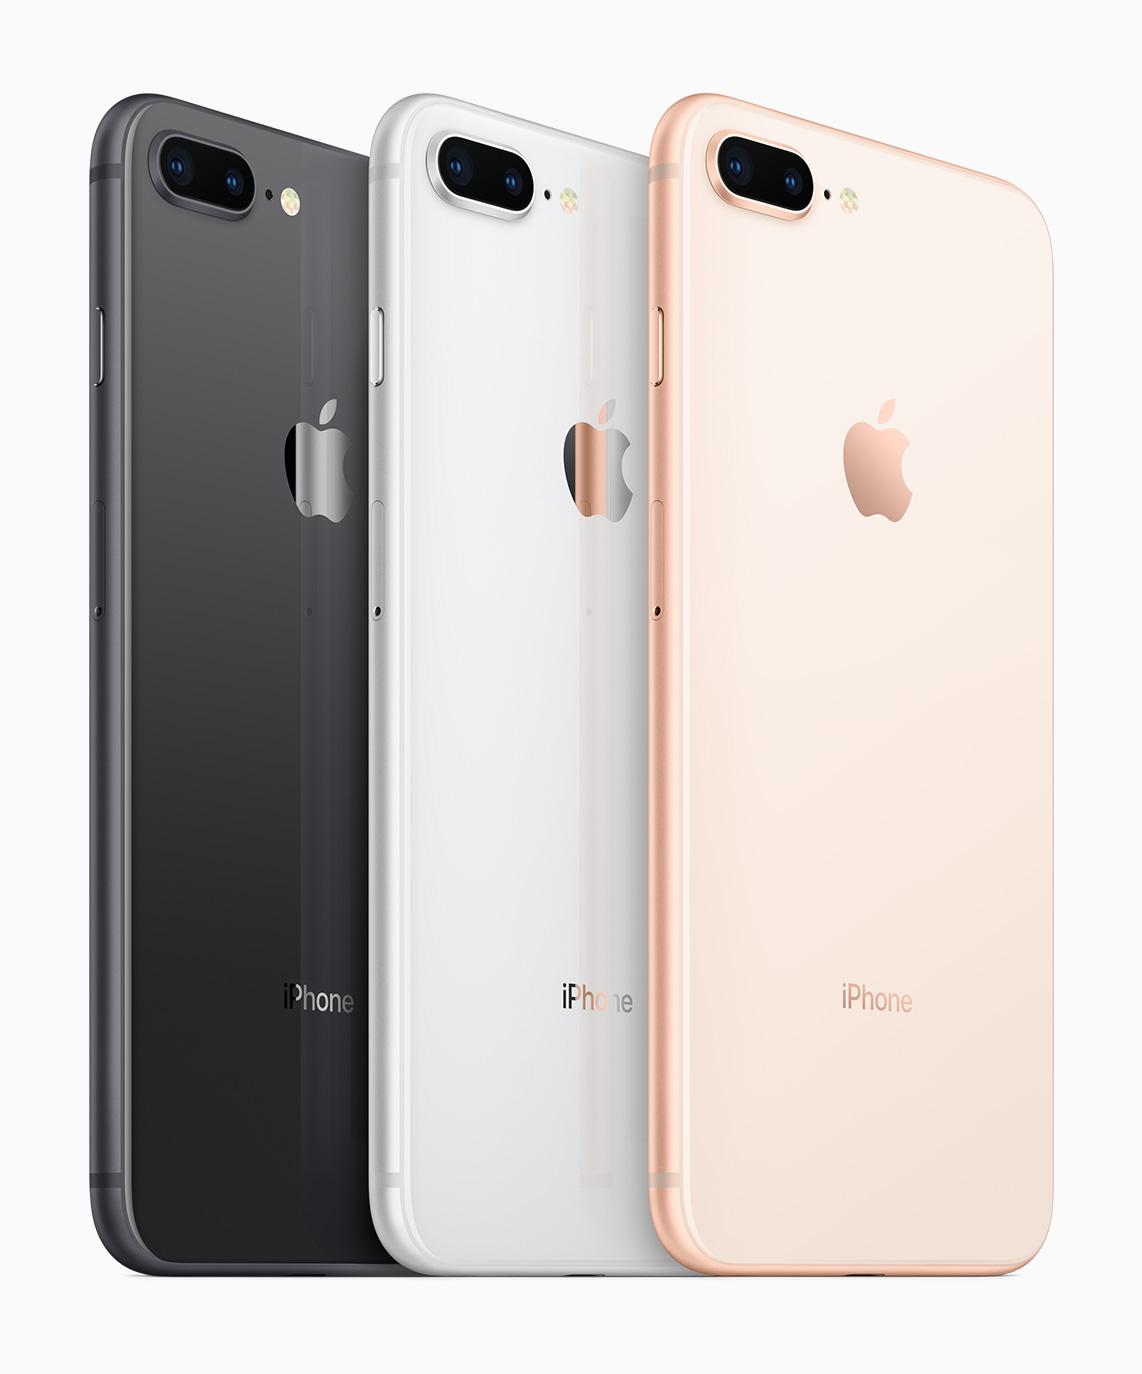 IPhone 8 Plus Casting Split Open